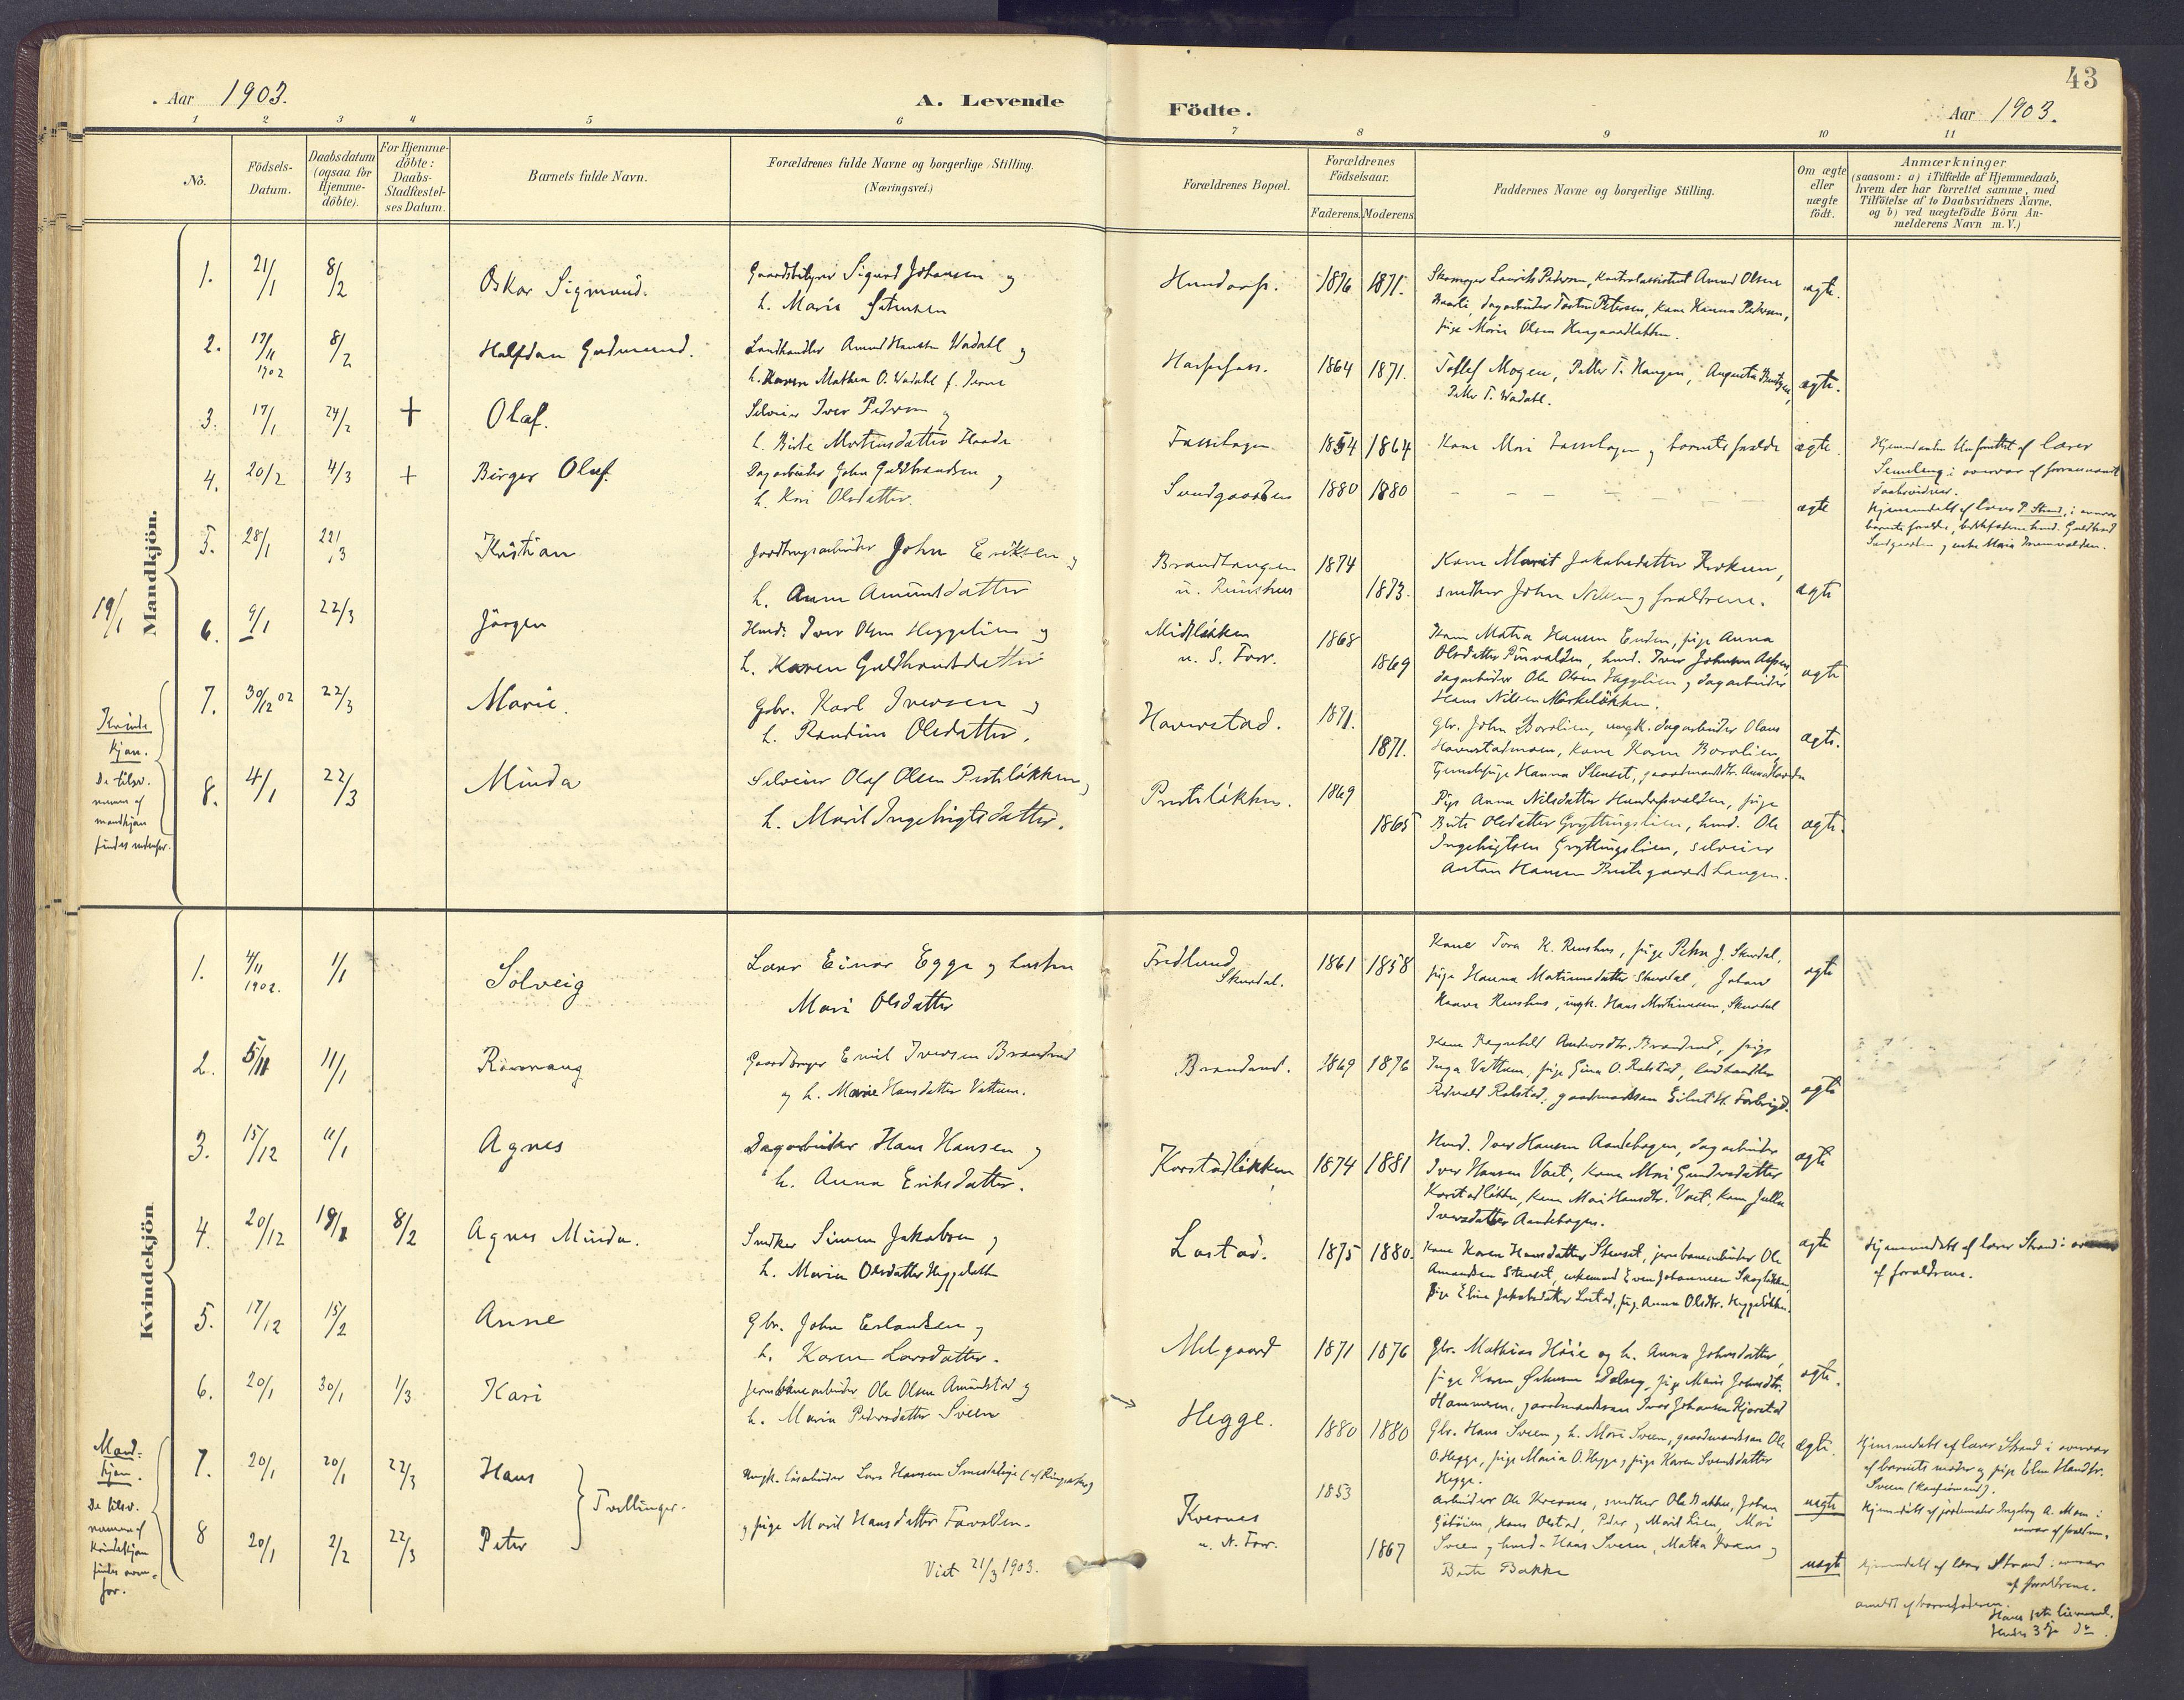 SAH, Sør-Fron prestekontor, H/Ha/Haa/L0004: Ministerialbok nr. 4, 1898-1919, s. 43